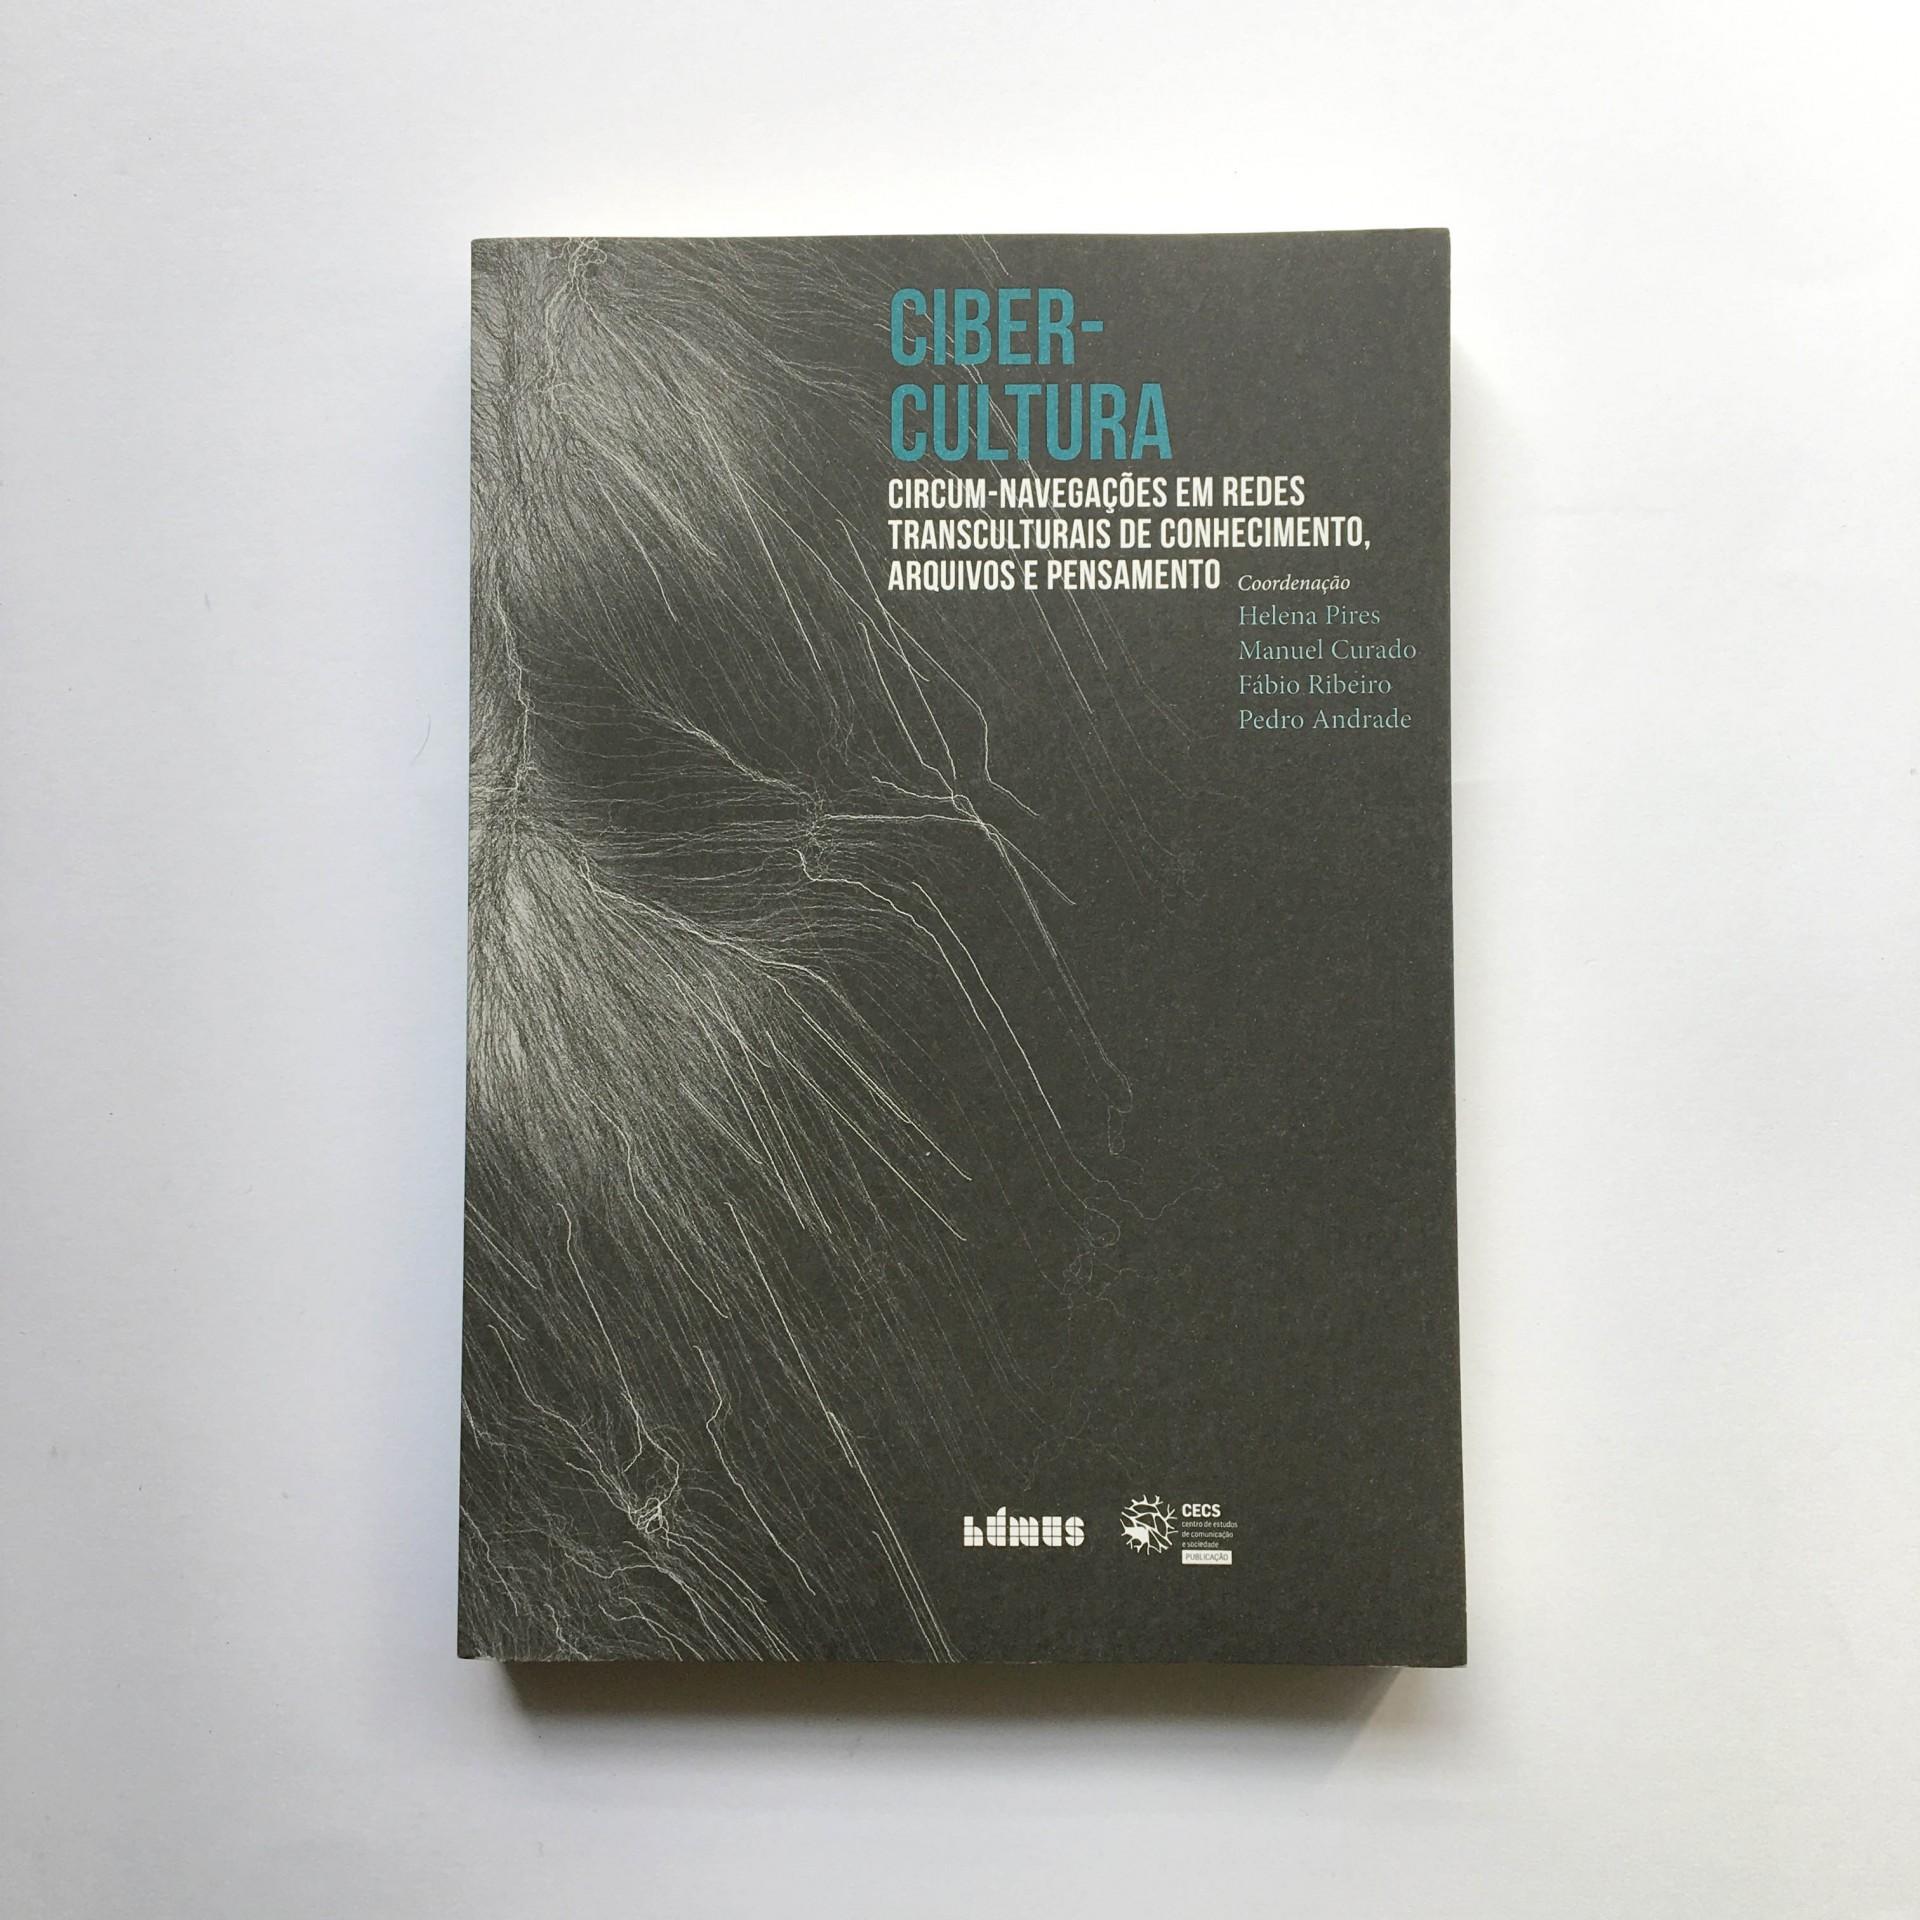 Cibercultura - Circum-navegações em Redes Transculturais de Conhecimento Arquivos e Pensamento